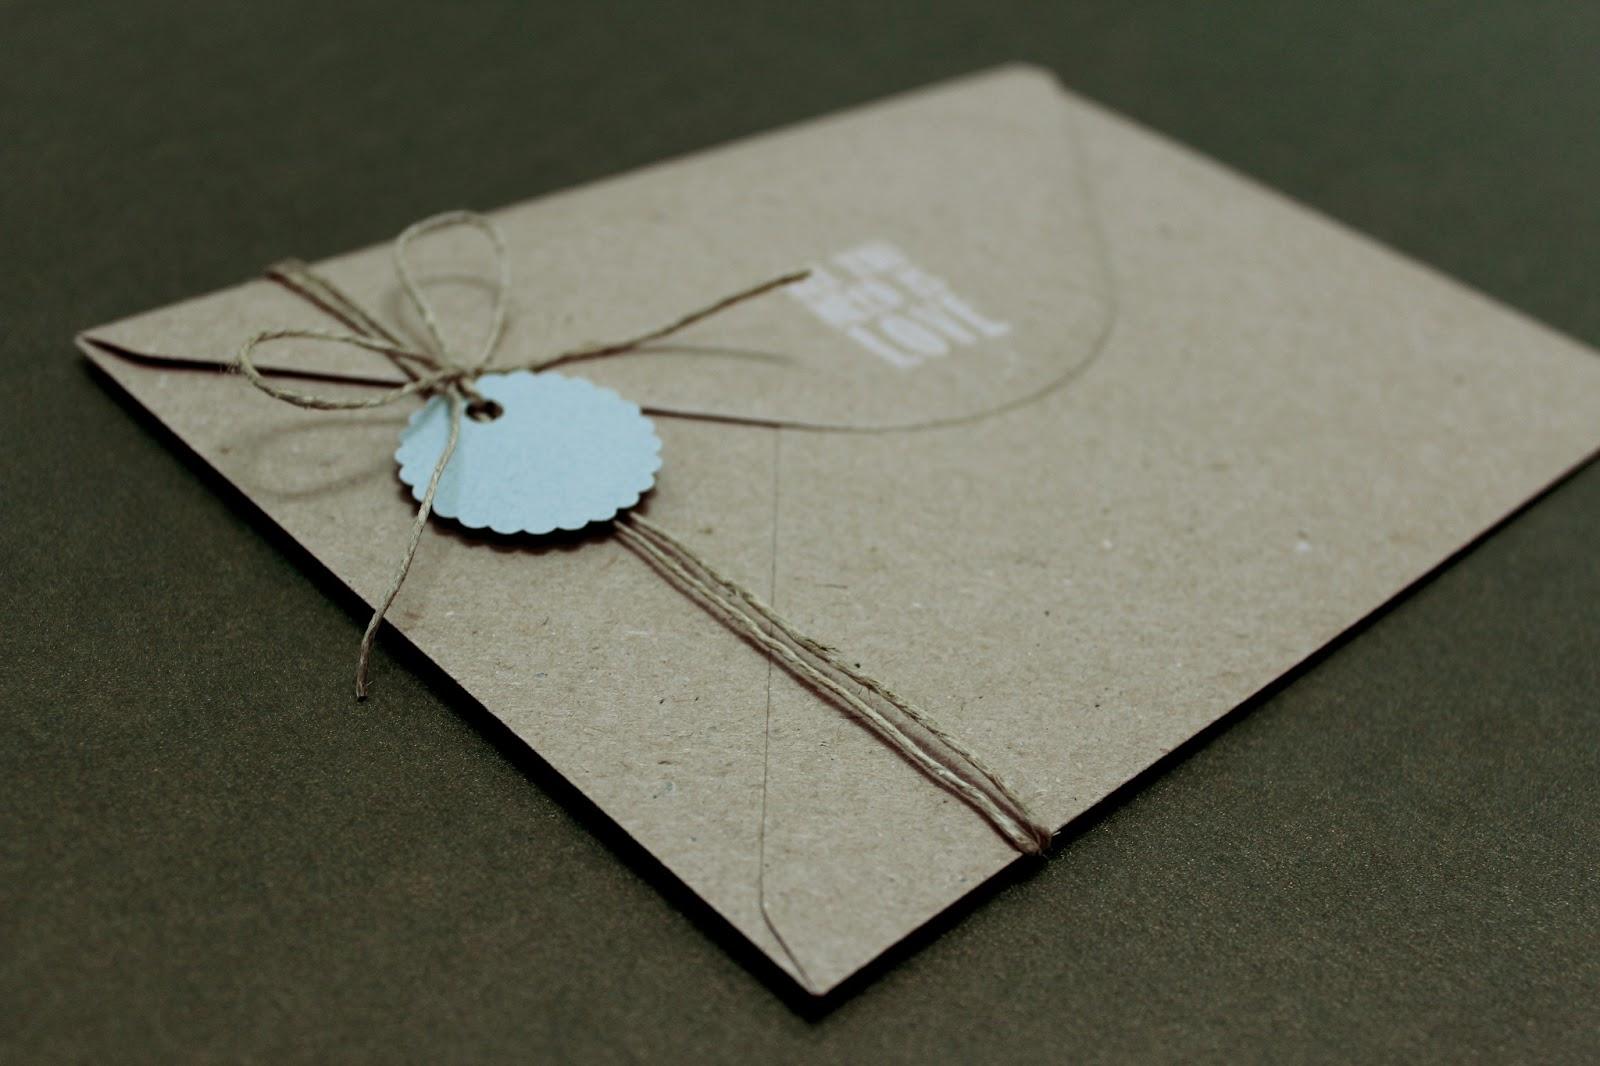 Hermanas bolena invitaciones de boda originales aitor - Como decorar un sobre ...